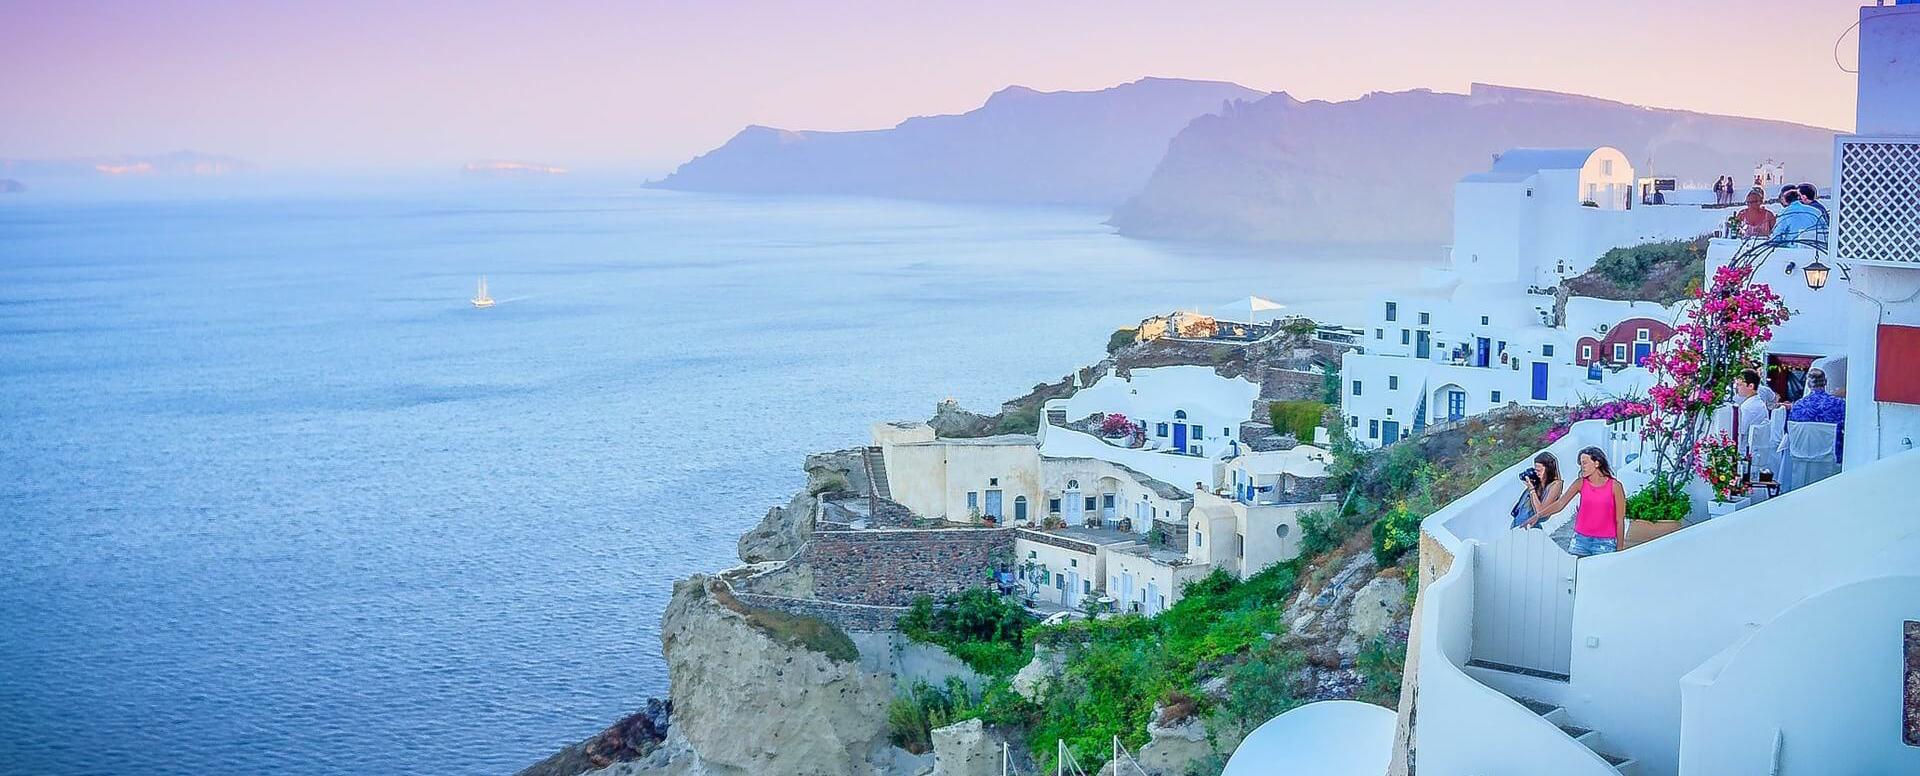 10 choses à faire en Grèce - Grèce